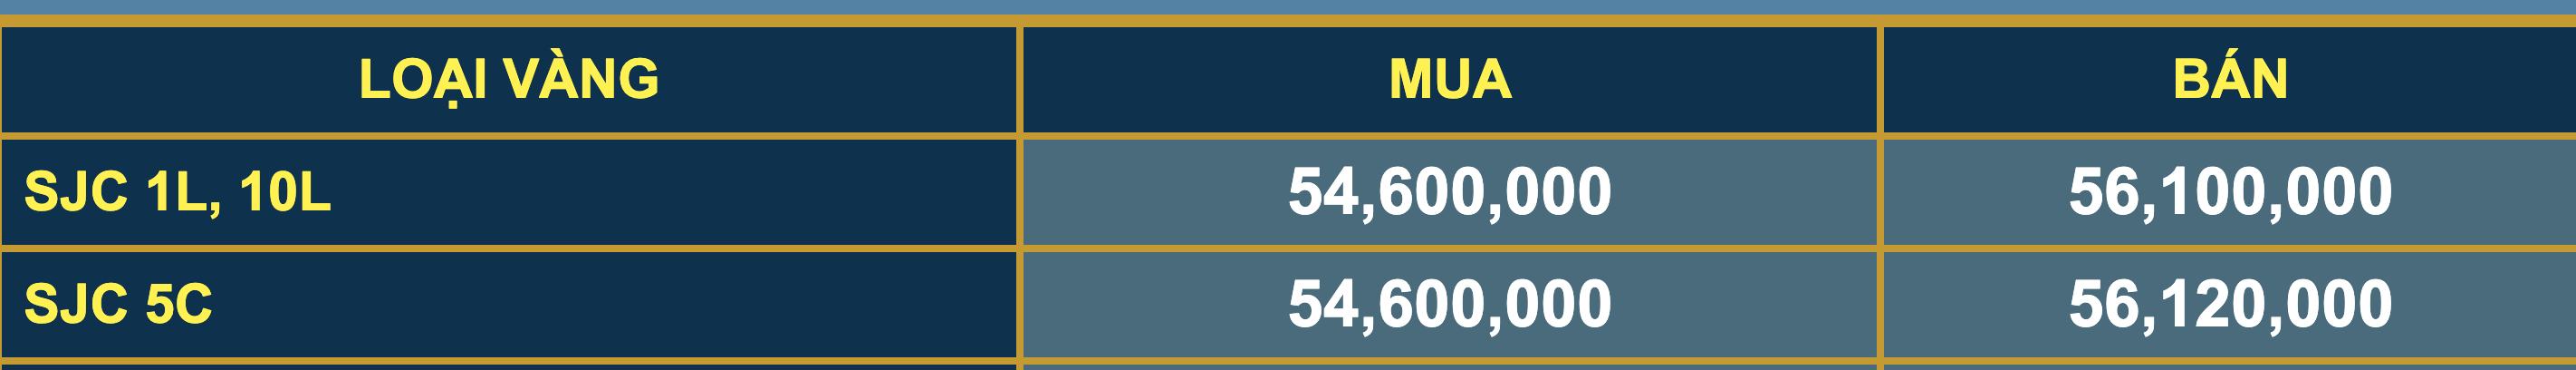 Giá vàng SJC tăng hơn 1 triệu chỉ trong vòng vài tiếng, vượt mốc 56 triệu đông/lượng - Ảnh 1.